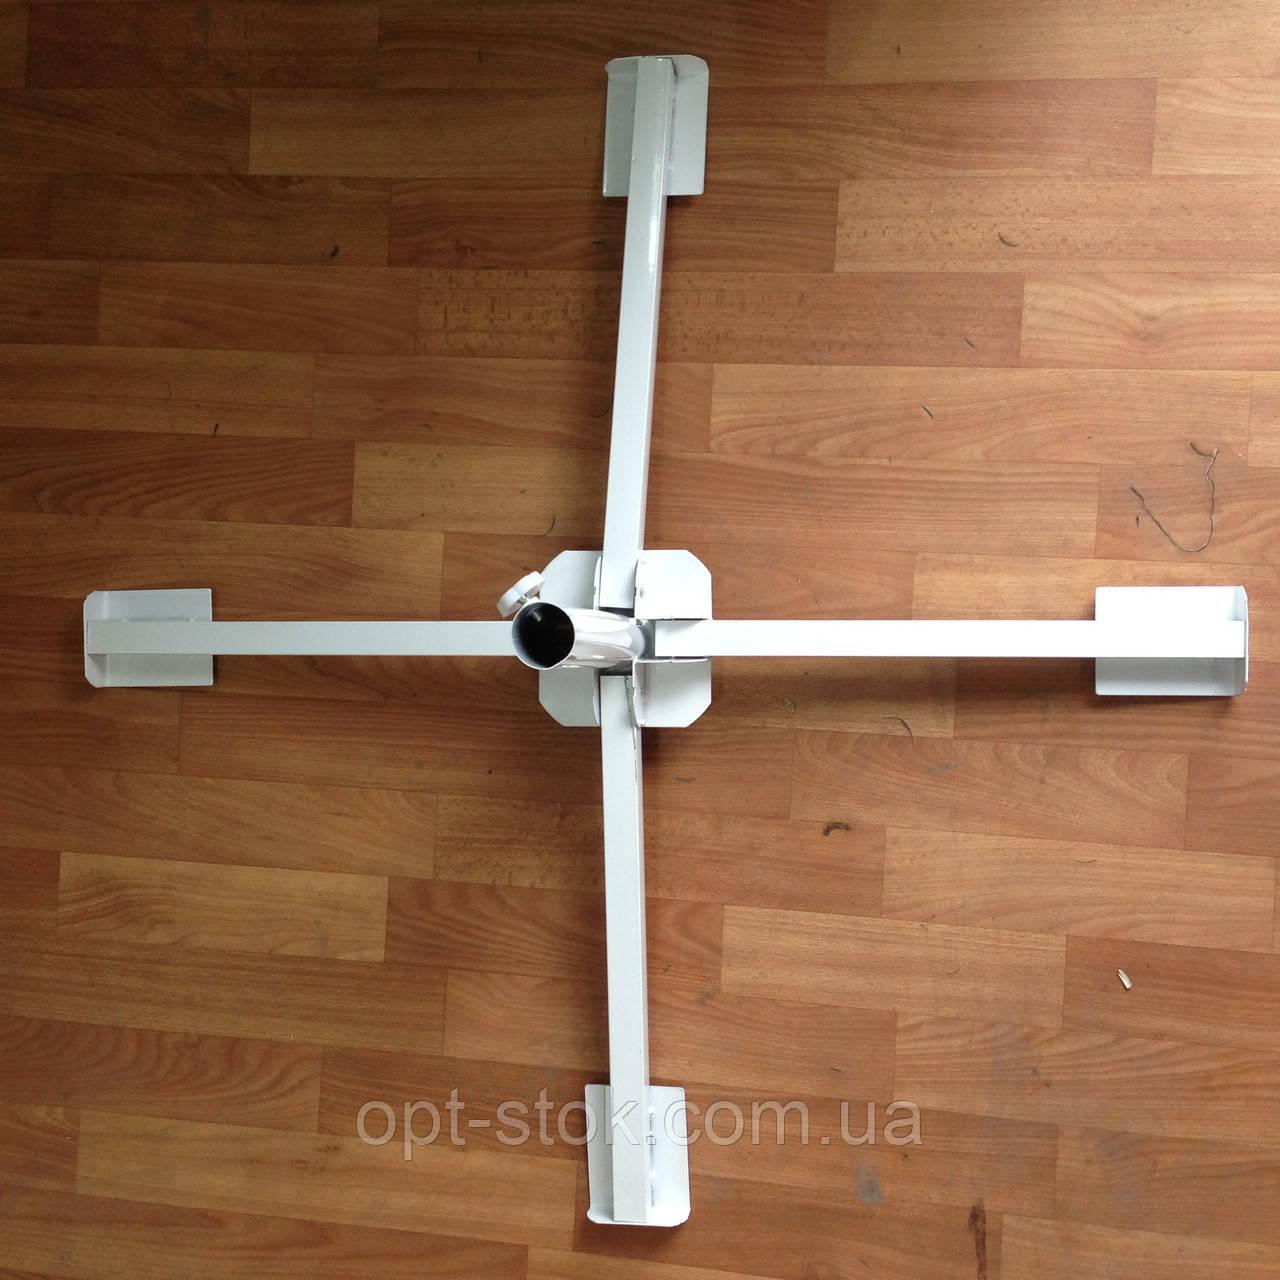 Подставка для зонтов - opt-stok.com.ua в Одессе